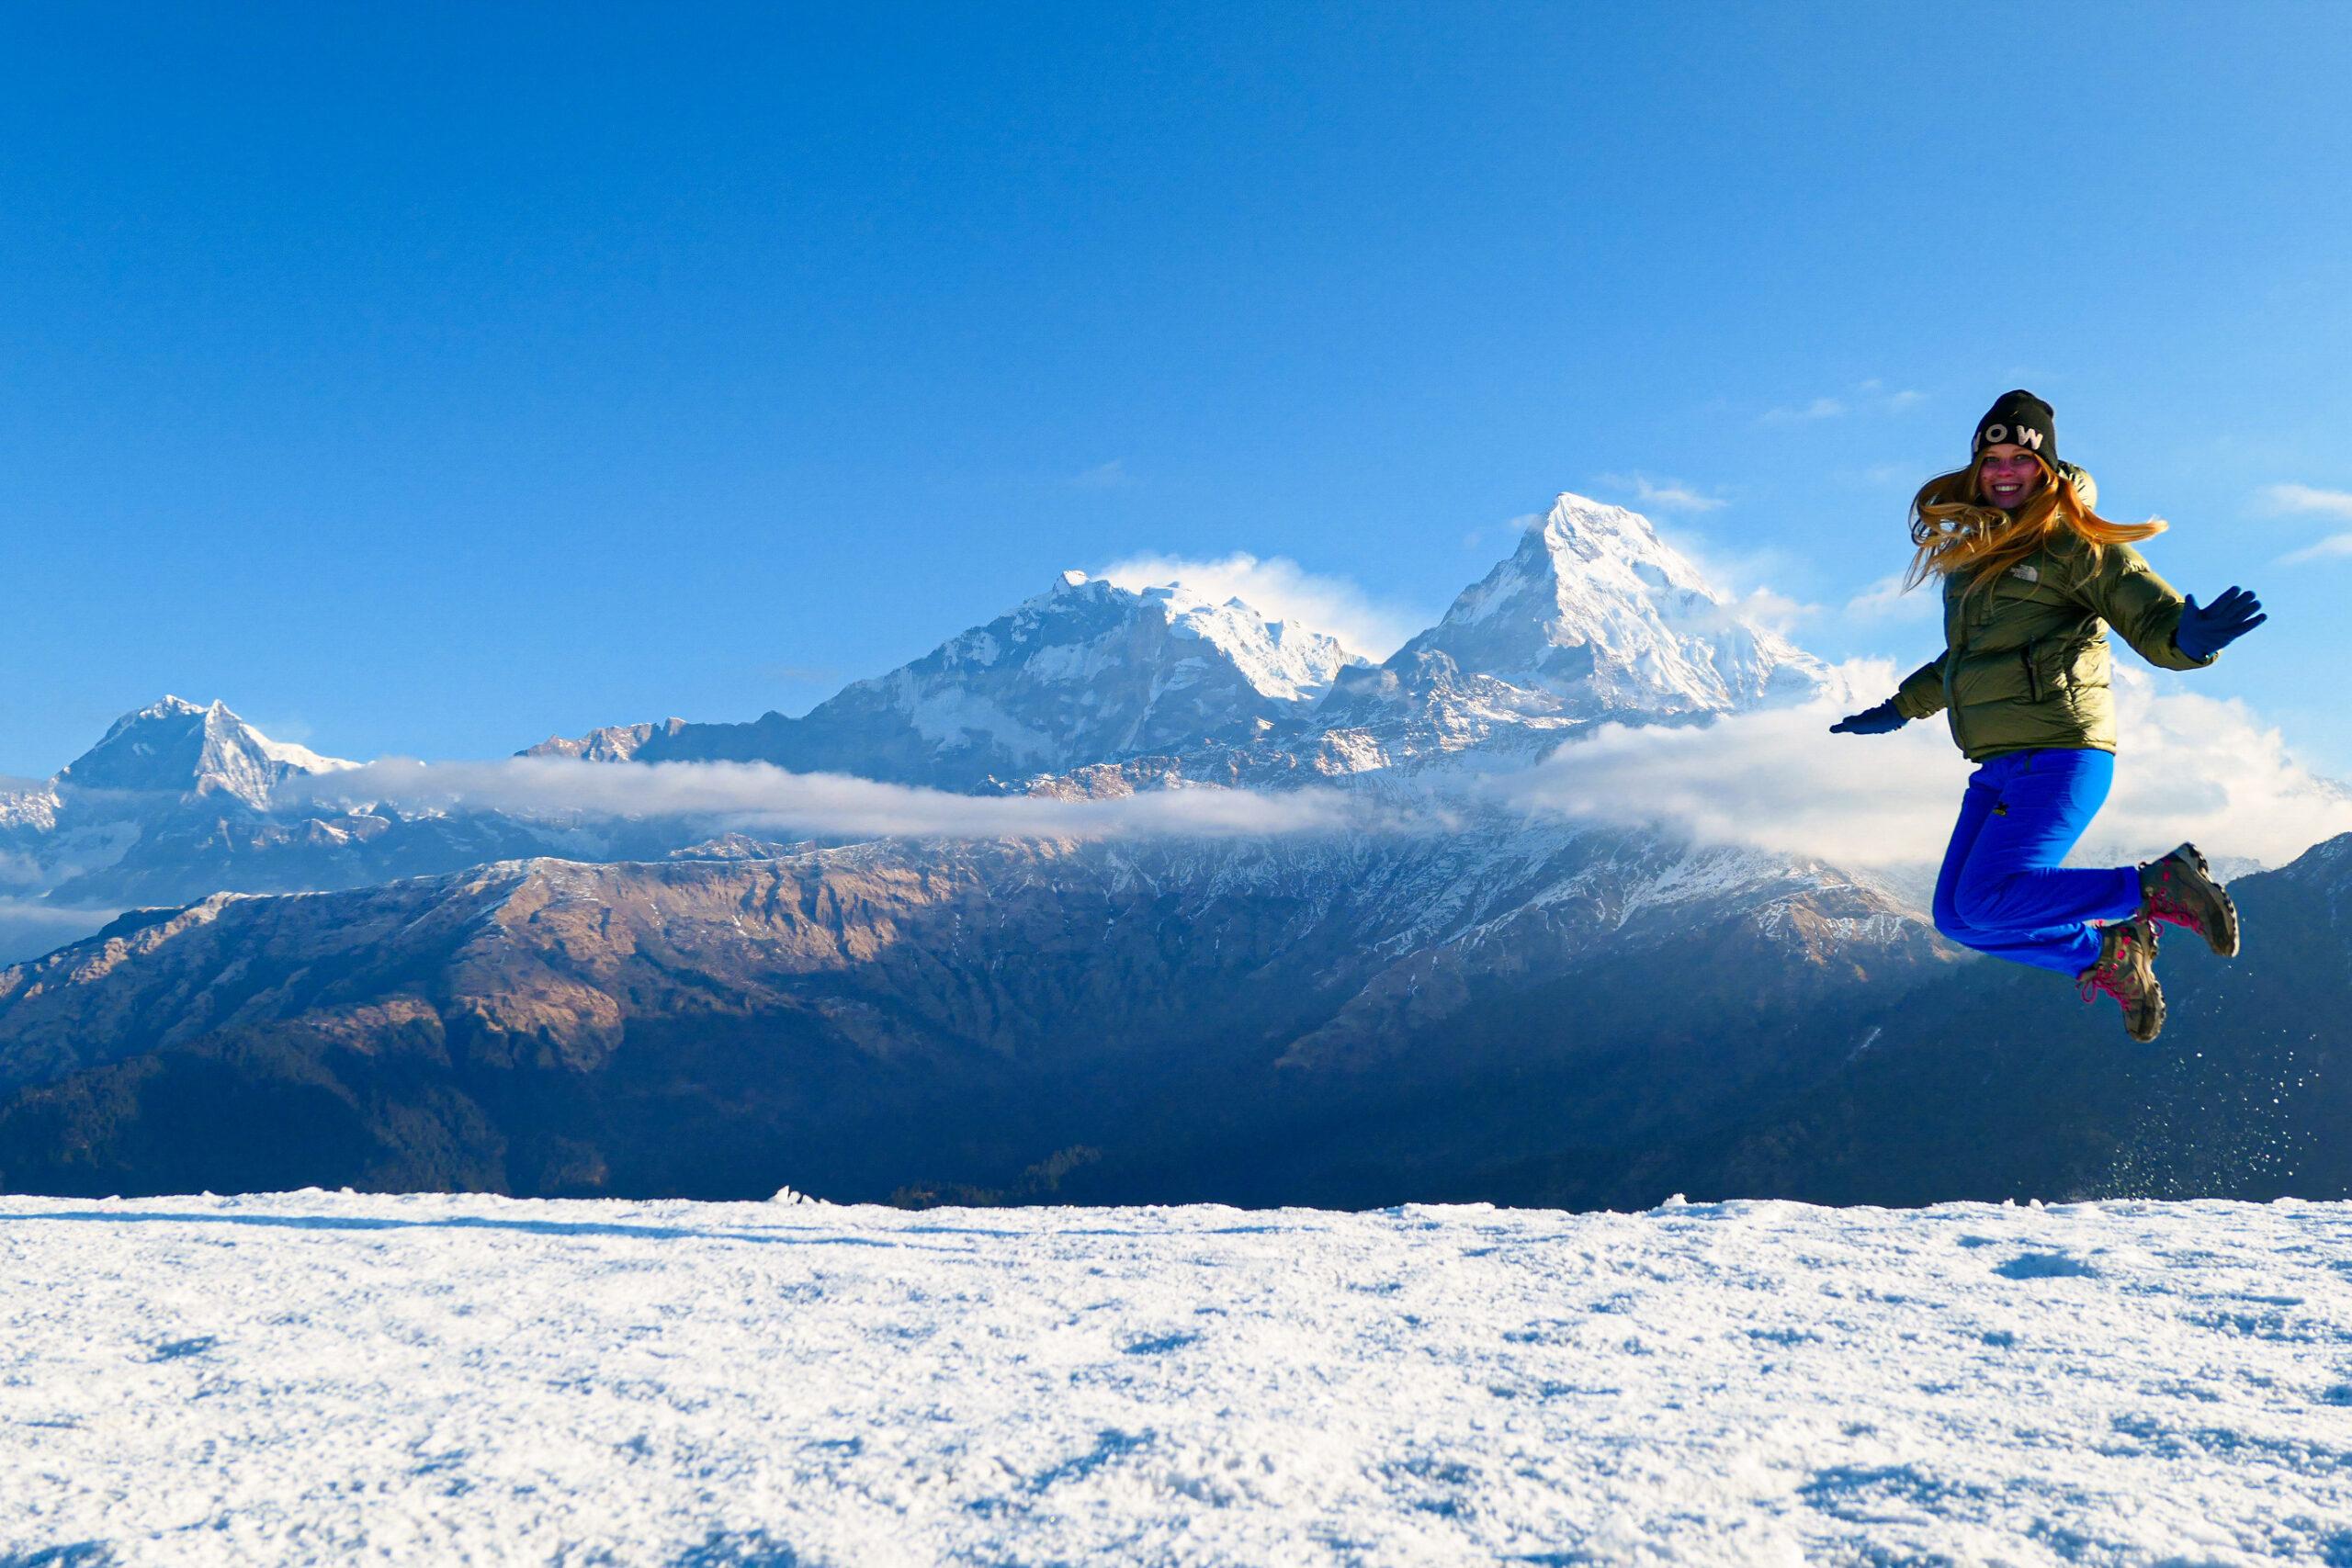 Непал для початківців. Чи варто йти в Гімалаї, якщо ти новачок в трекінгу?